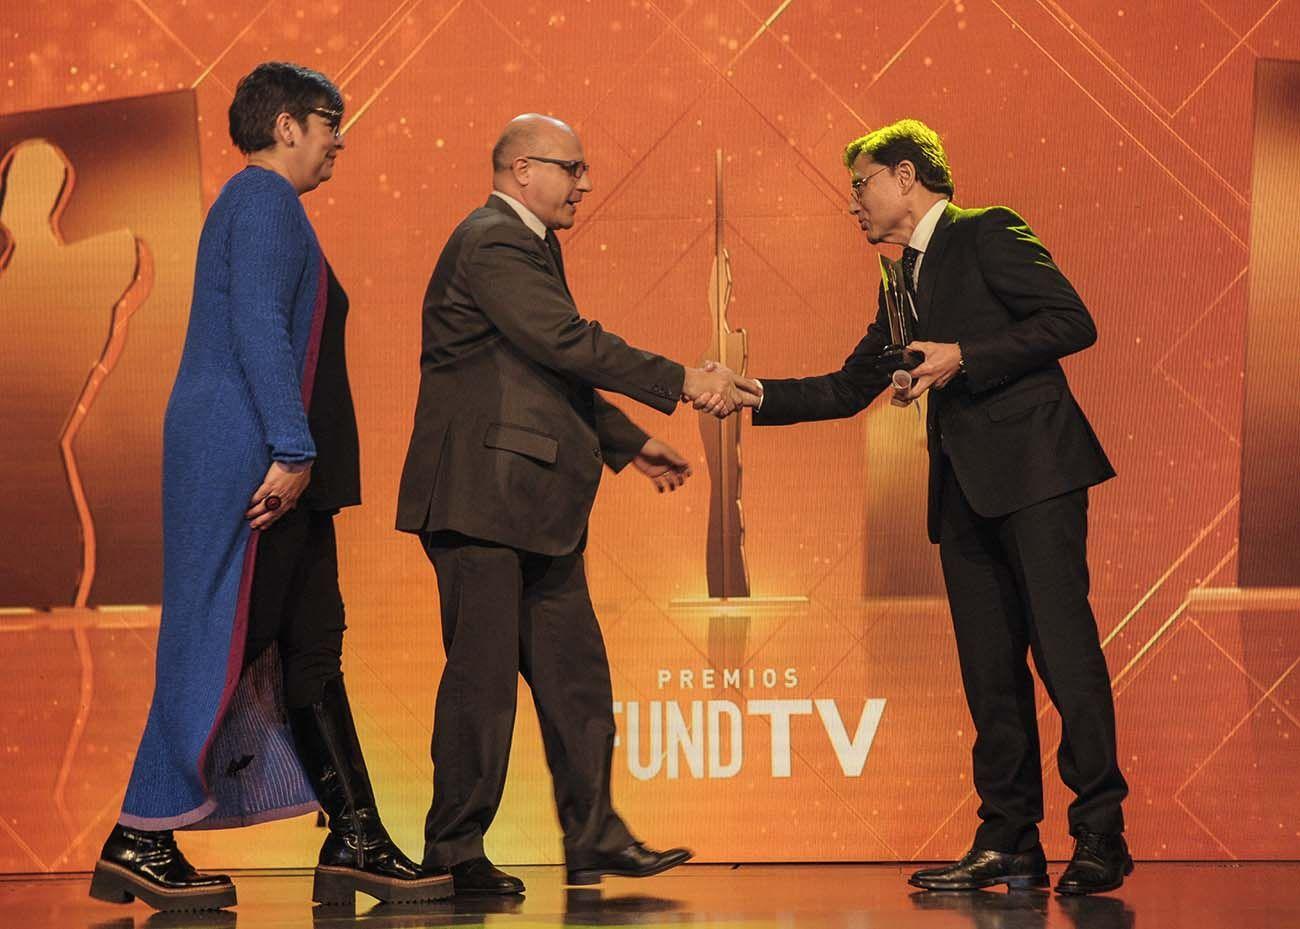 Jorge Fontevecchia entrega Premio Fund TV en su 25a edición realizada en la sociedad rural argentina